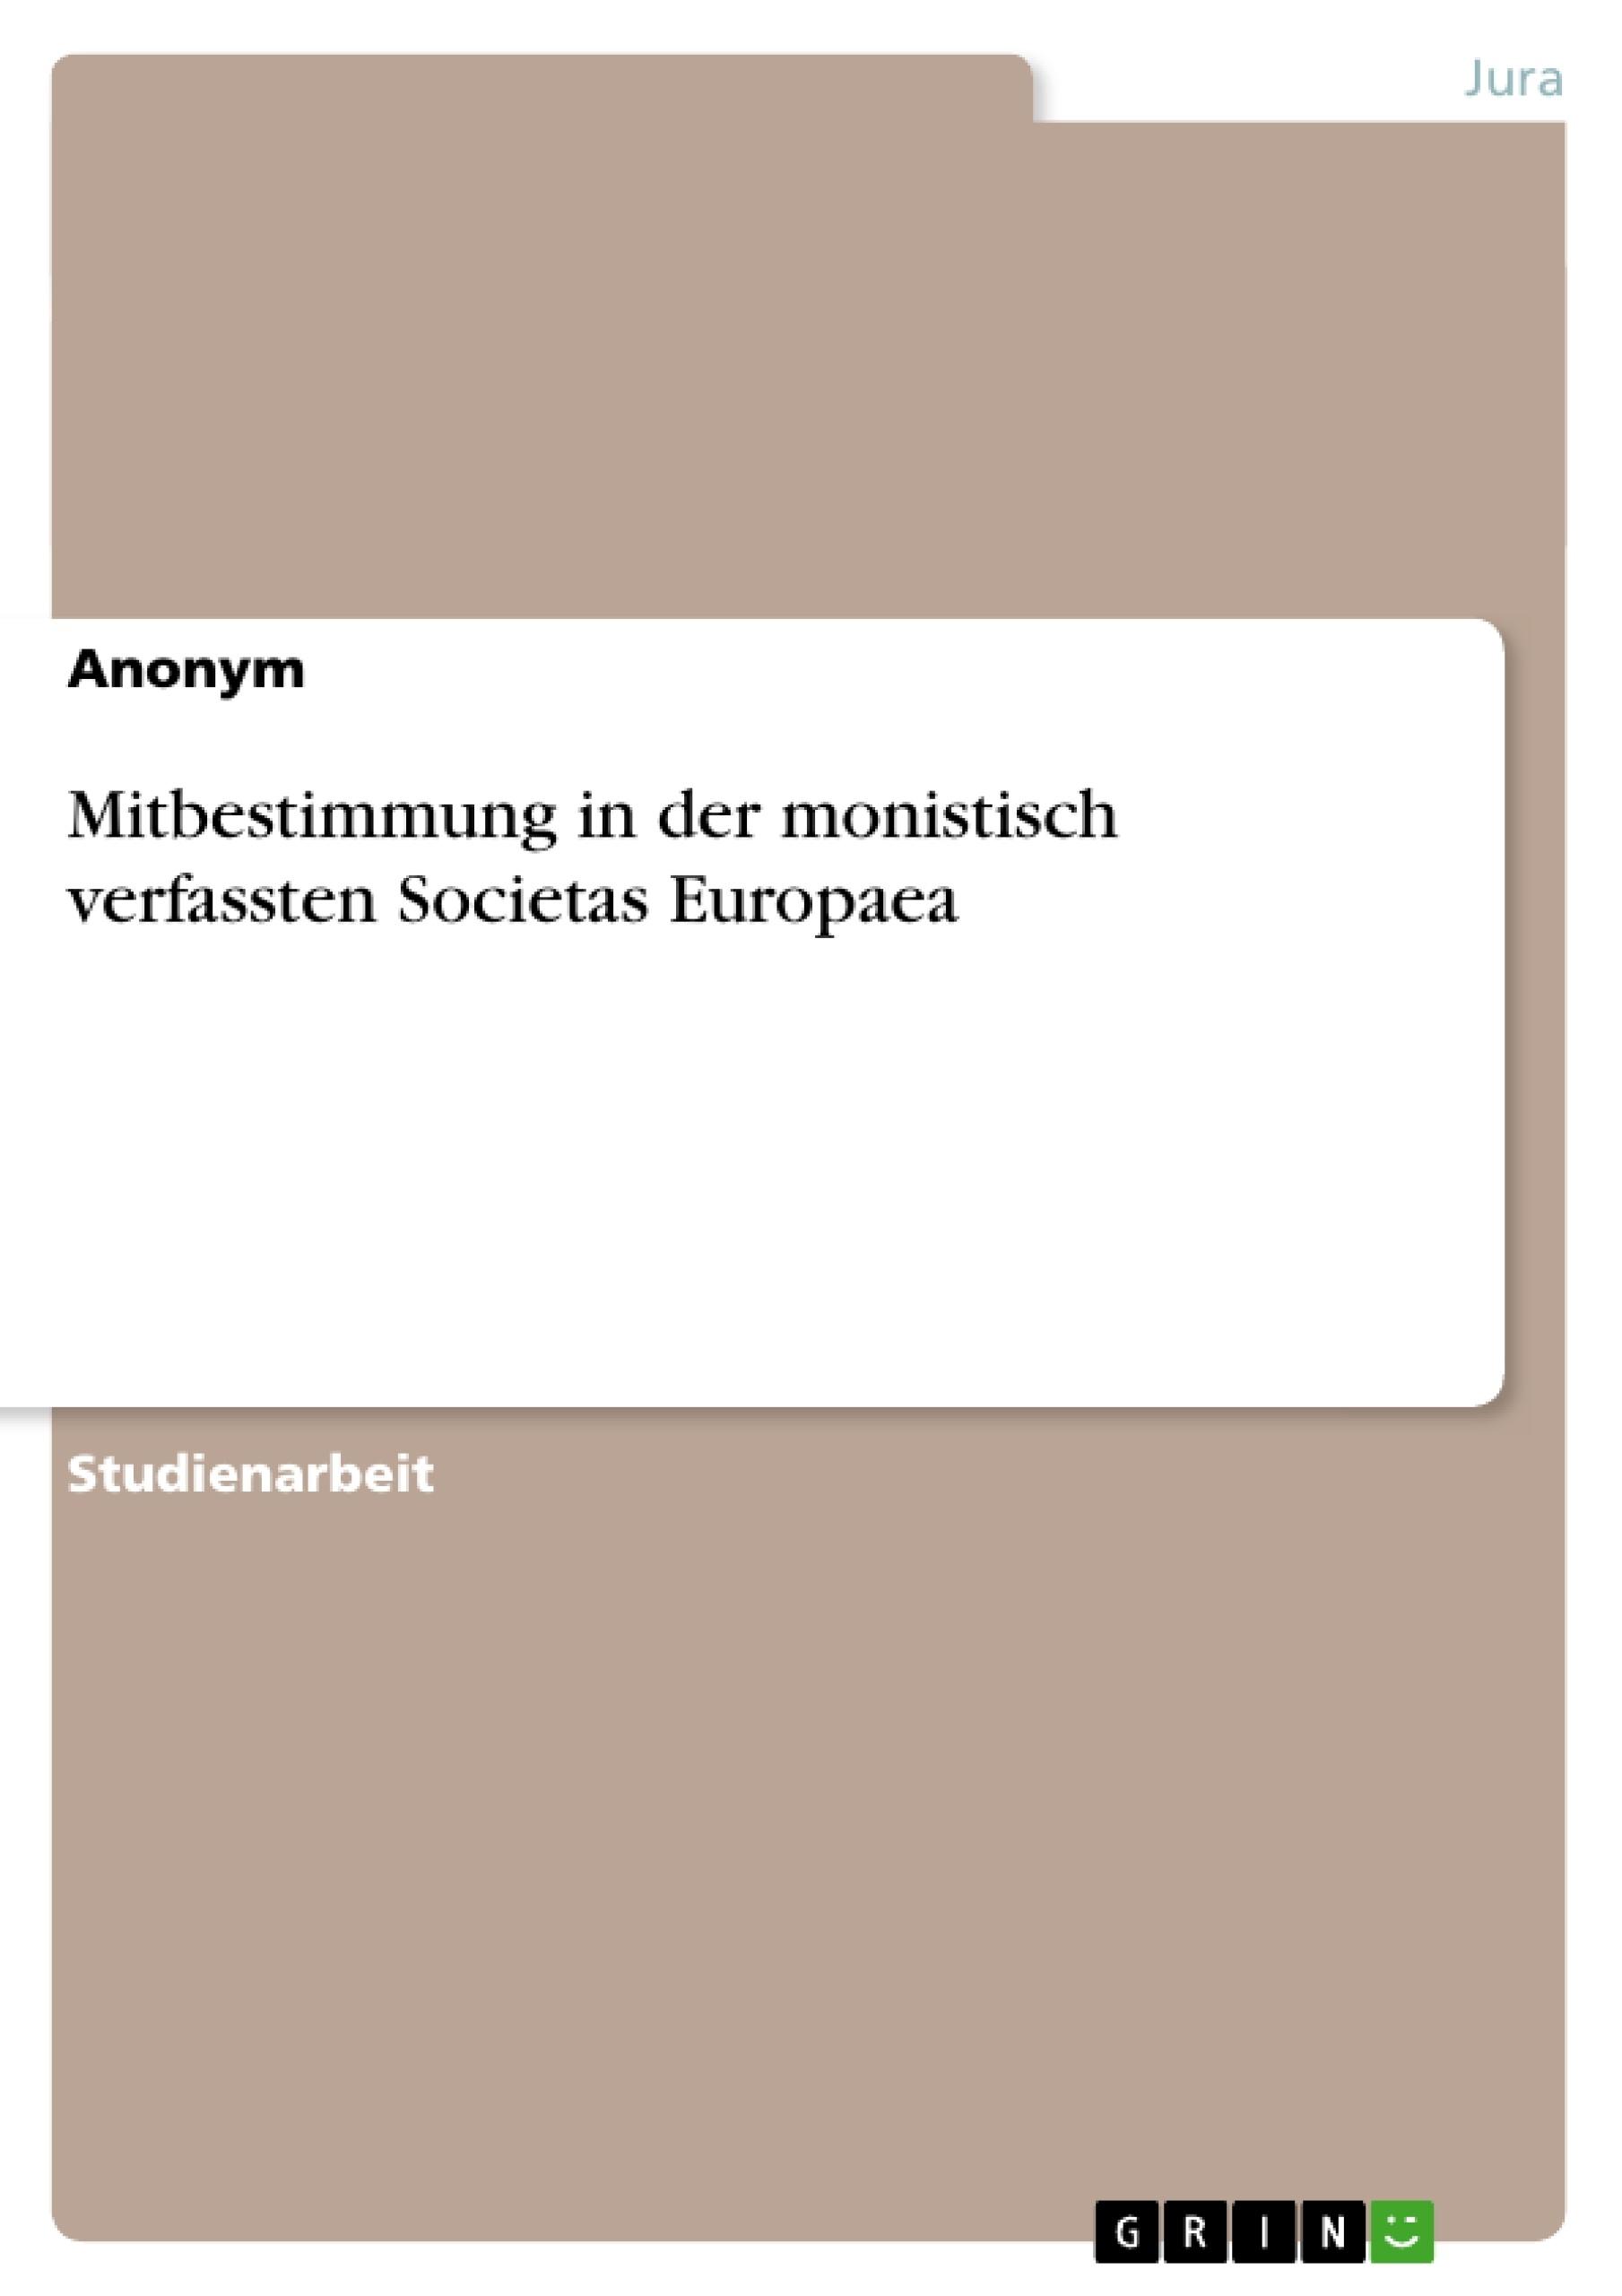 Titel: Mitbestimmung in der monistisch verfassten Societas Europaea